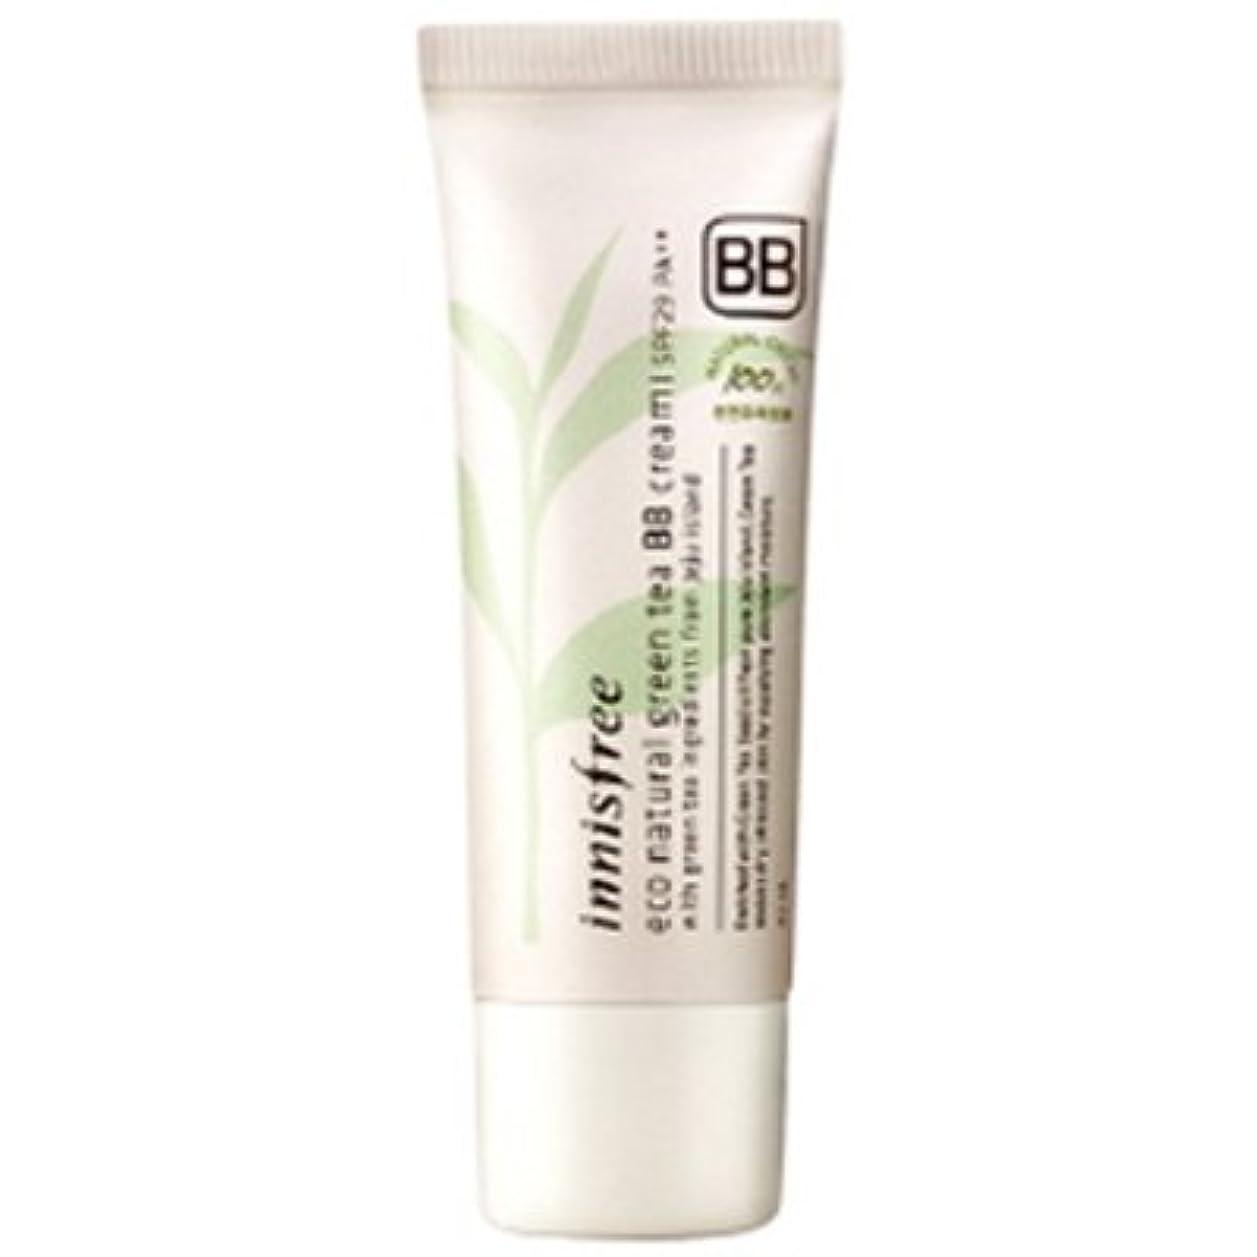 大理石白い副innisfree(イニスフリー) Eco natural green tea BB cream エコ ナチュラル グリーン ティー BB クリーム SPF29/PA++ 40ml #1:ライトベージュ